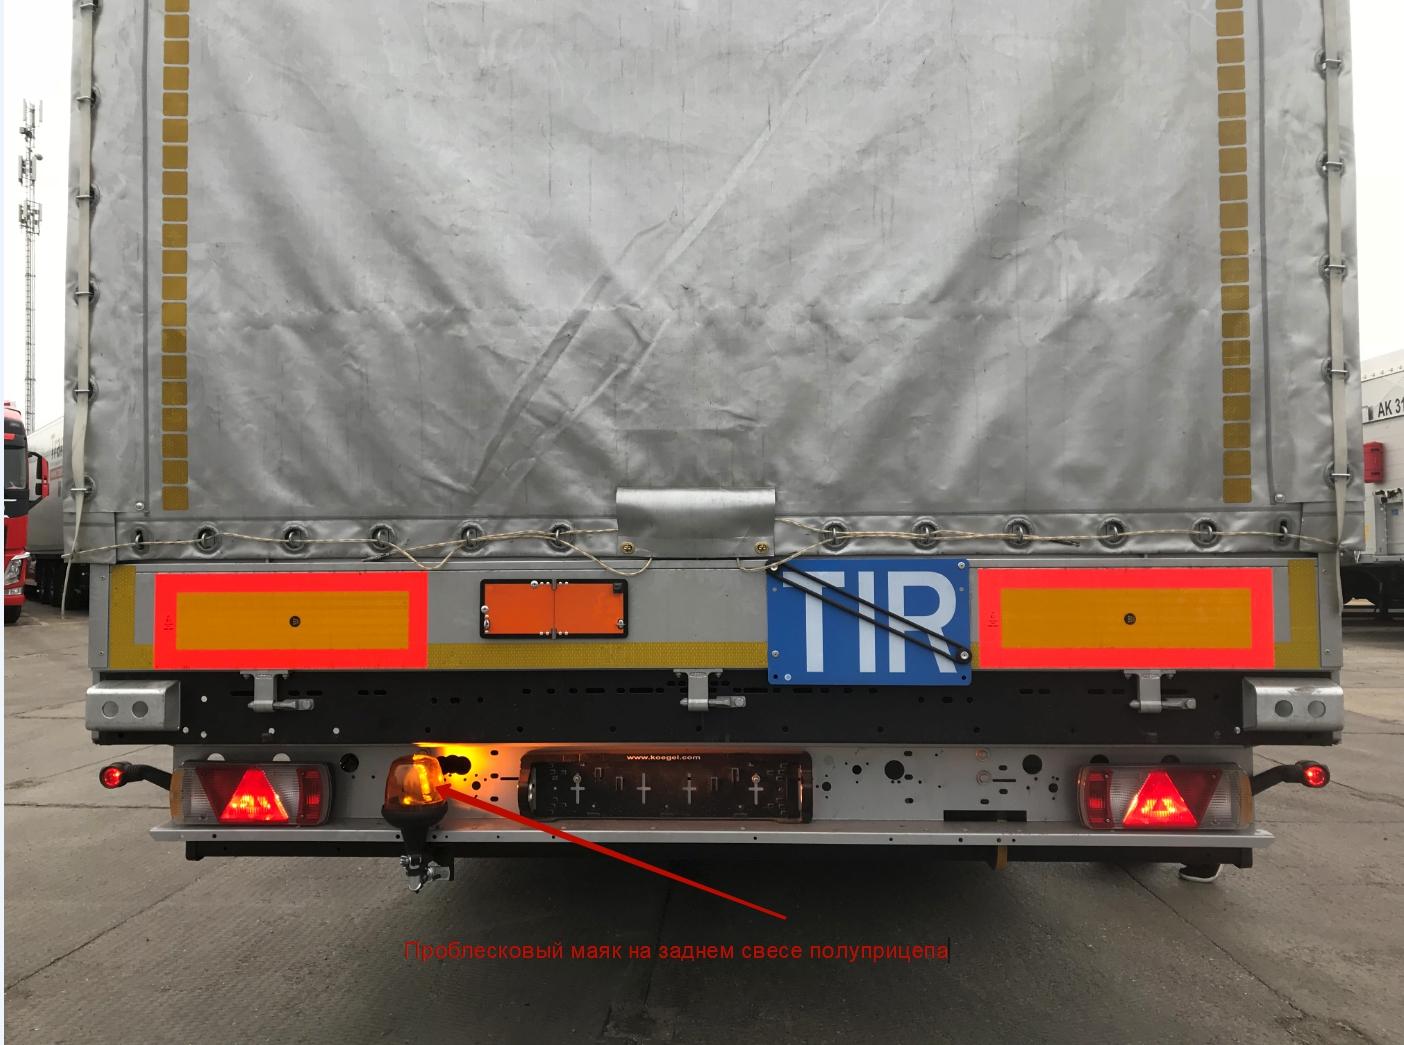 Доставка негабаритного груза автотранспортом из Европы